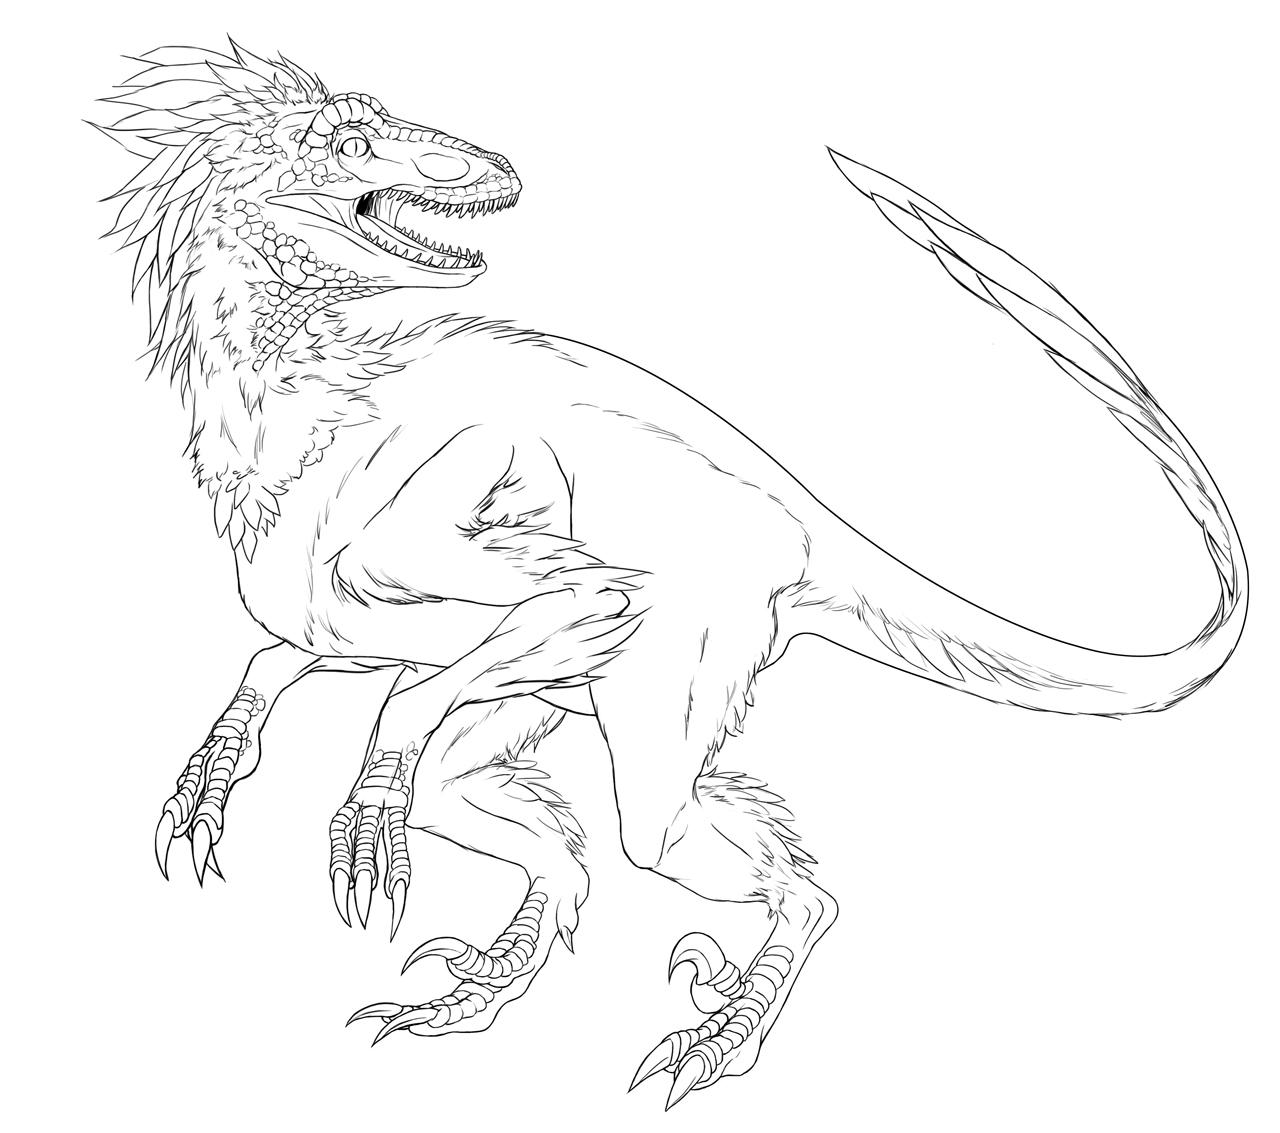 Utahraptor skeleton drawing sketch coloring page for Utahraptor coloring page